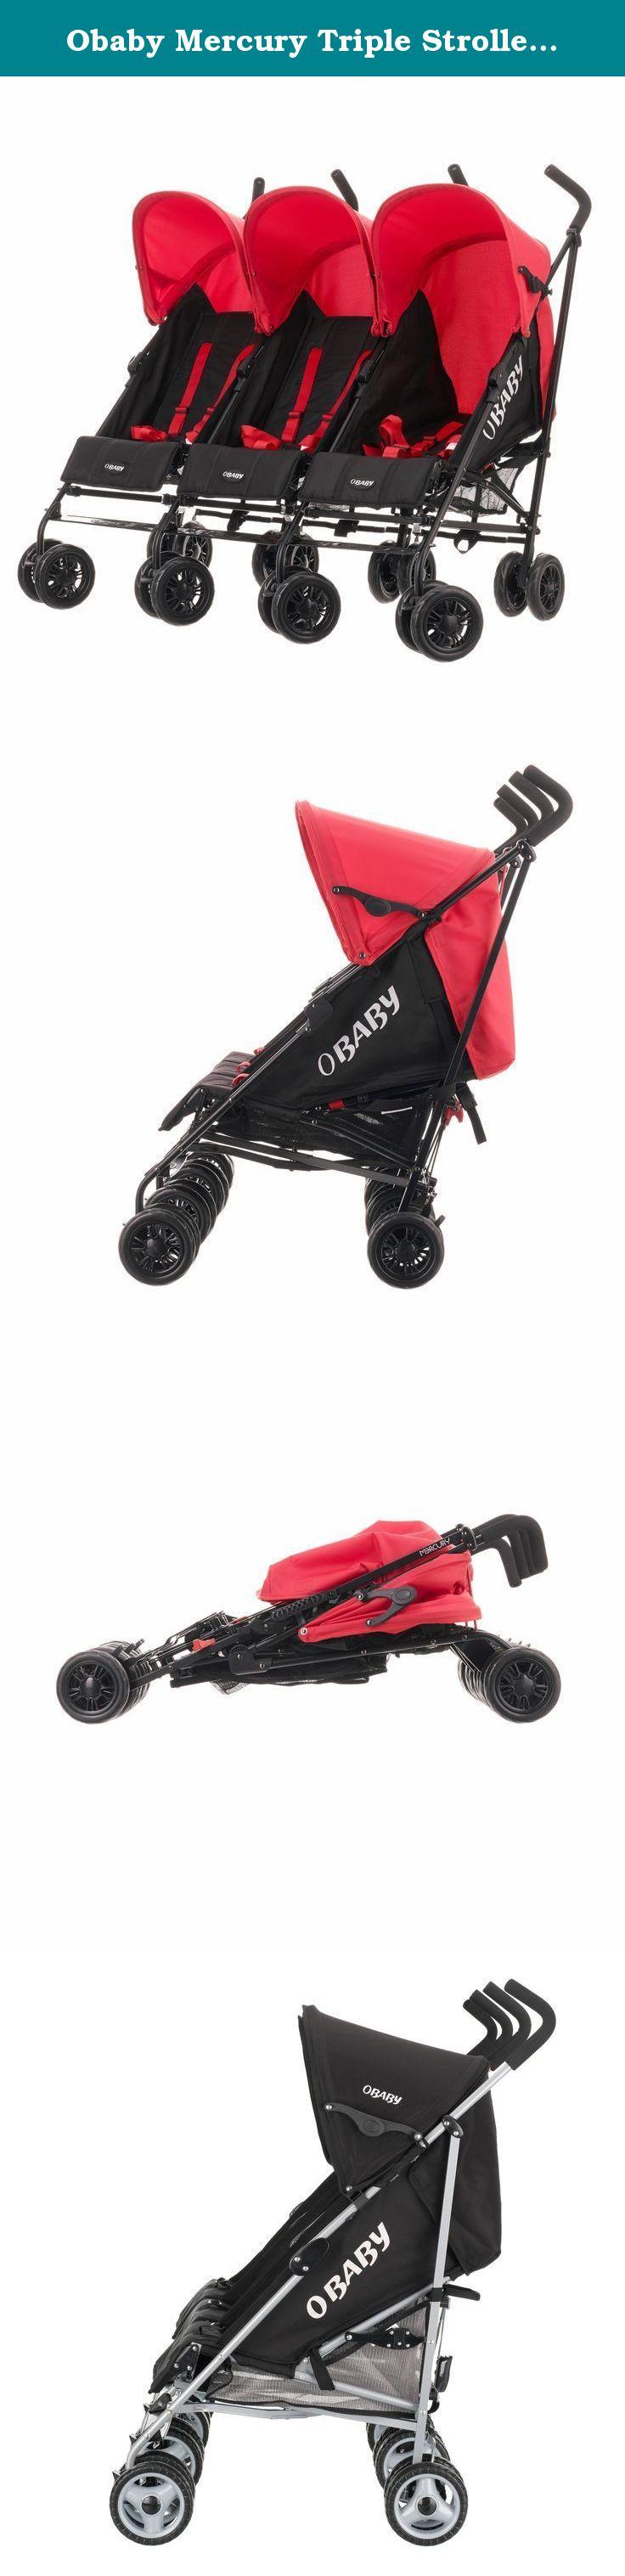 Obaby Mercury Triple Stroller Black//Red